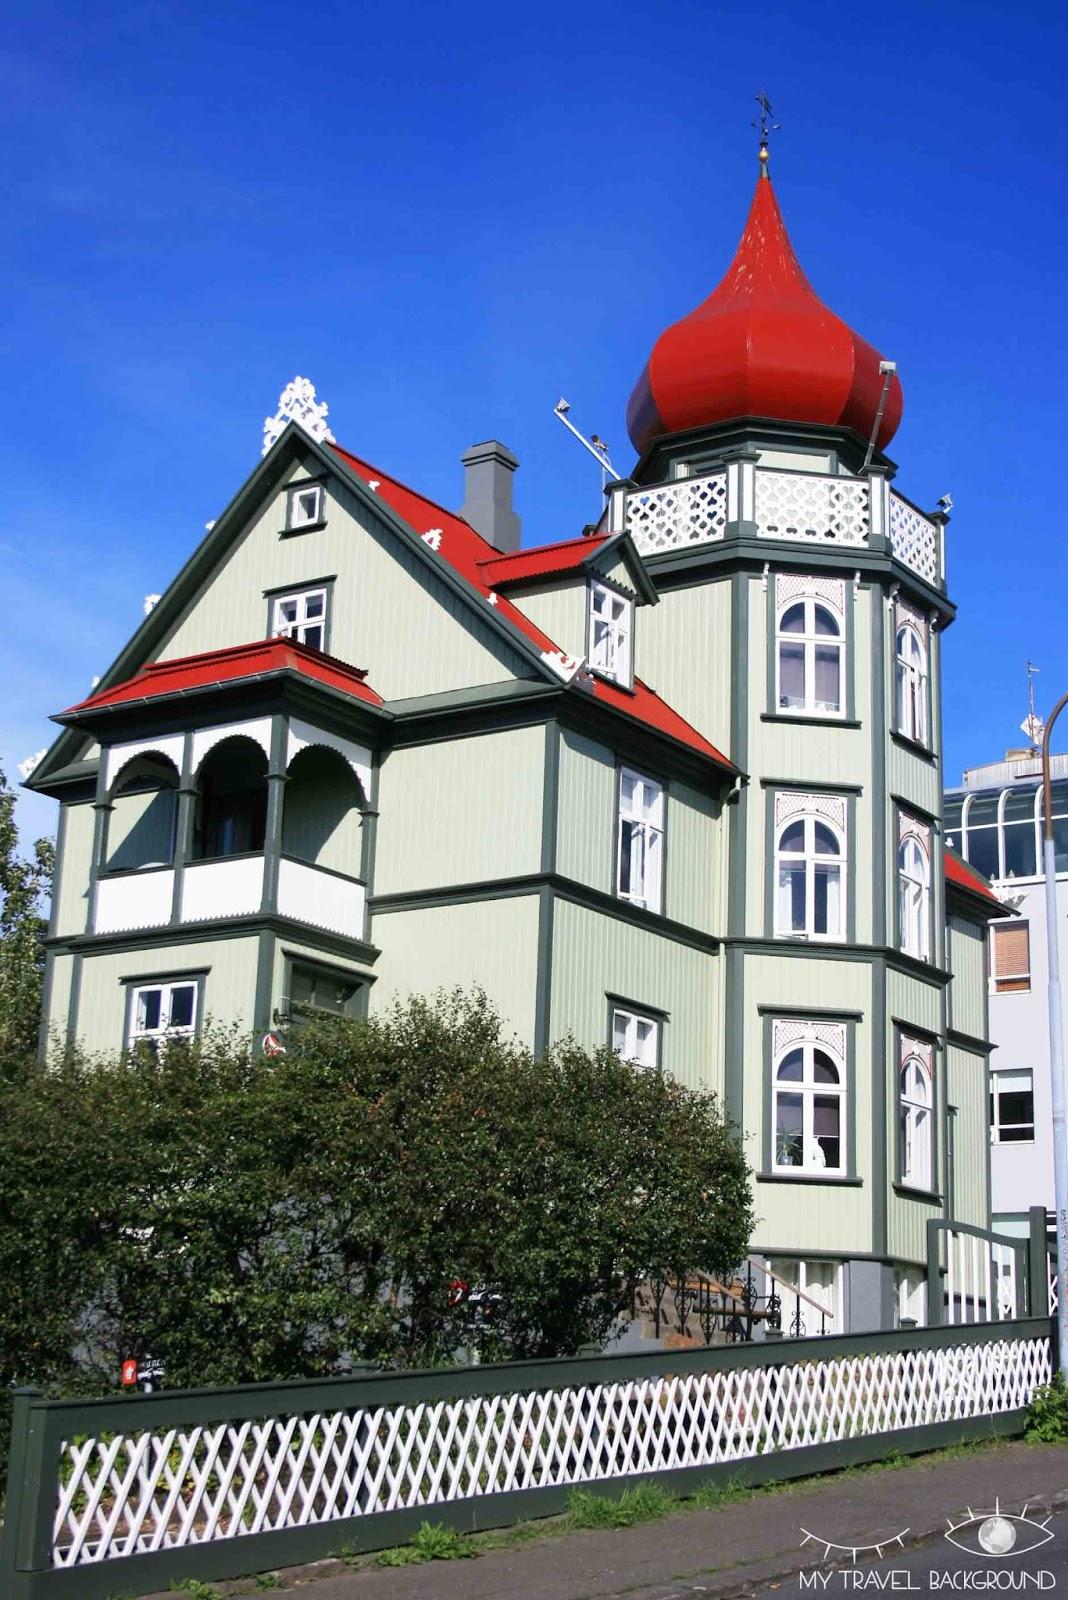 My Travel Background : que voir à Reykjavik? Visiter la ville en 1 jour, les essentiels